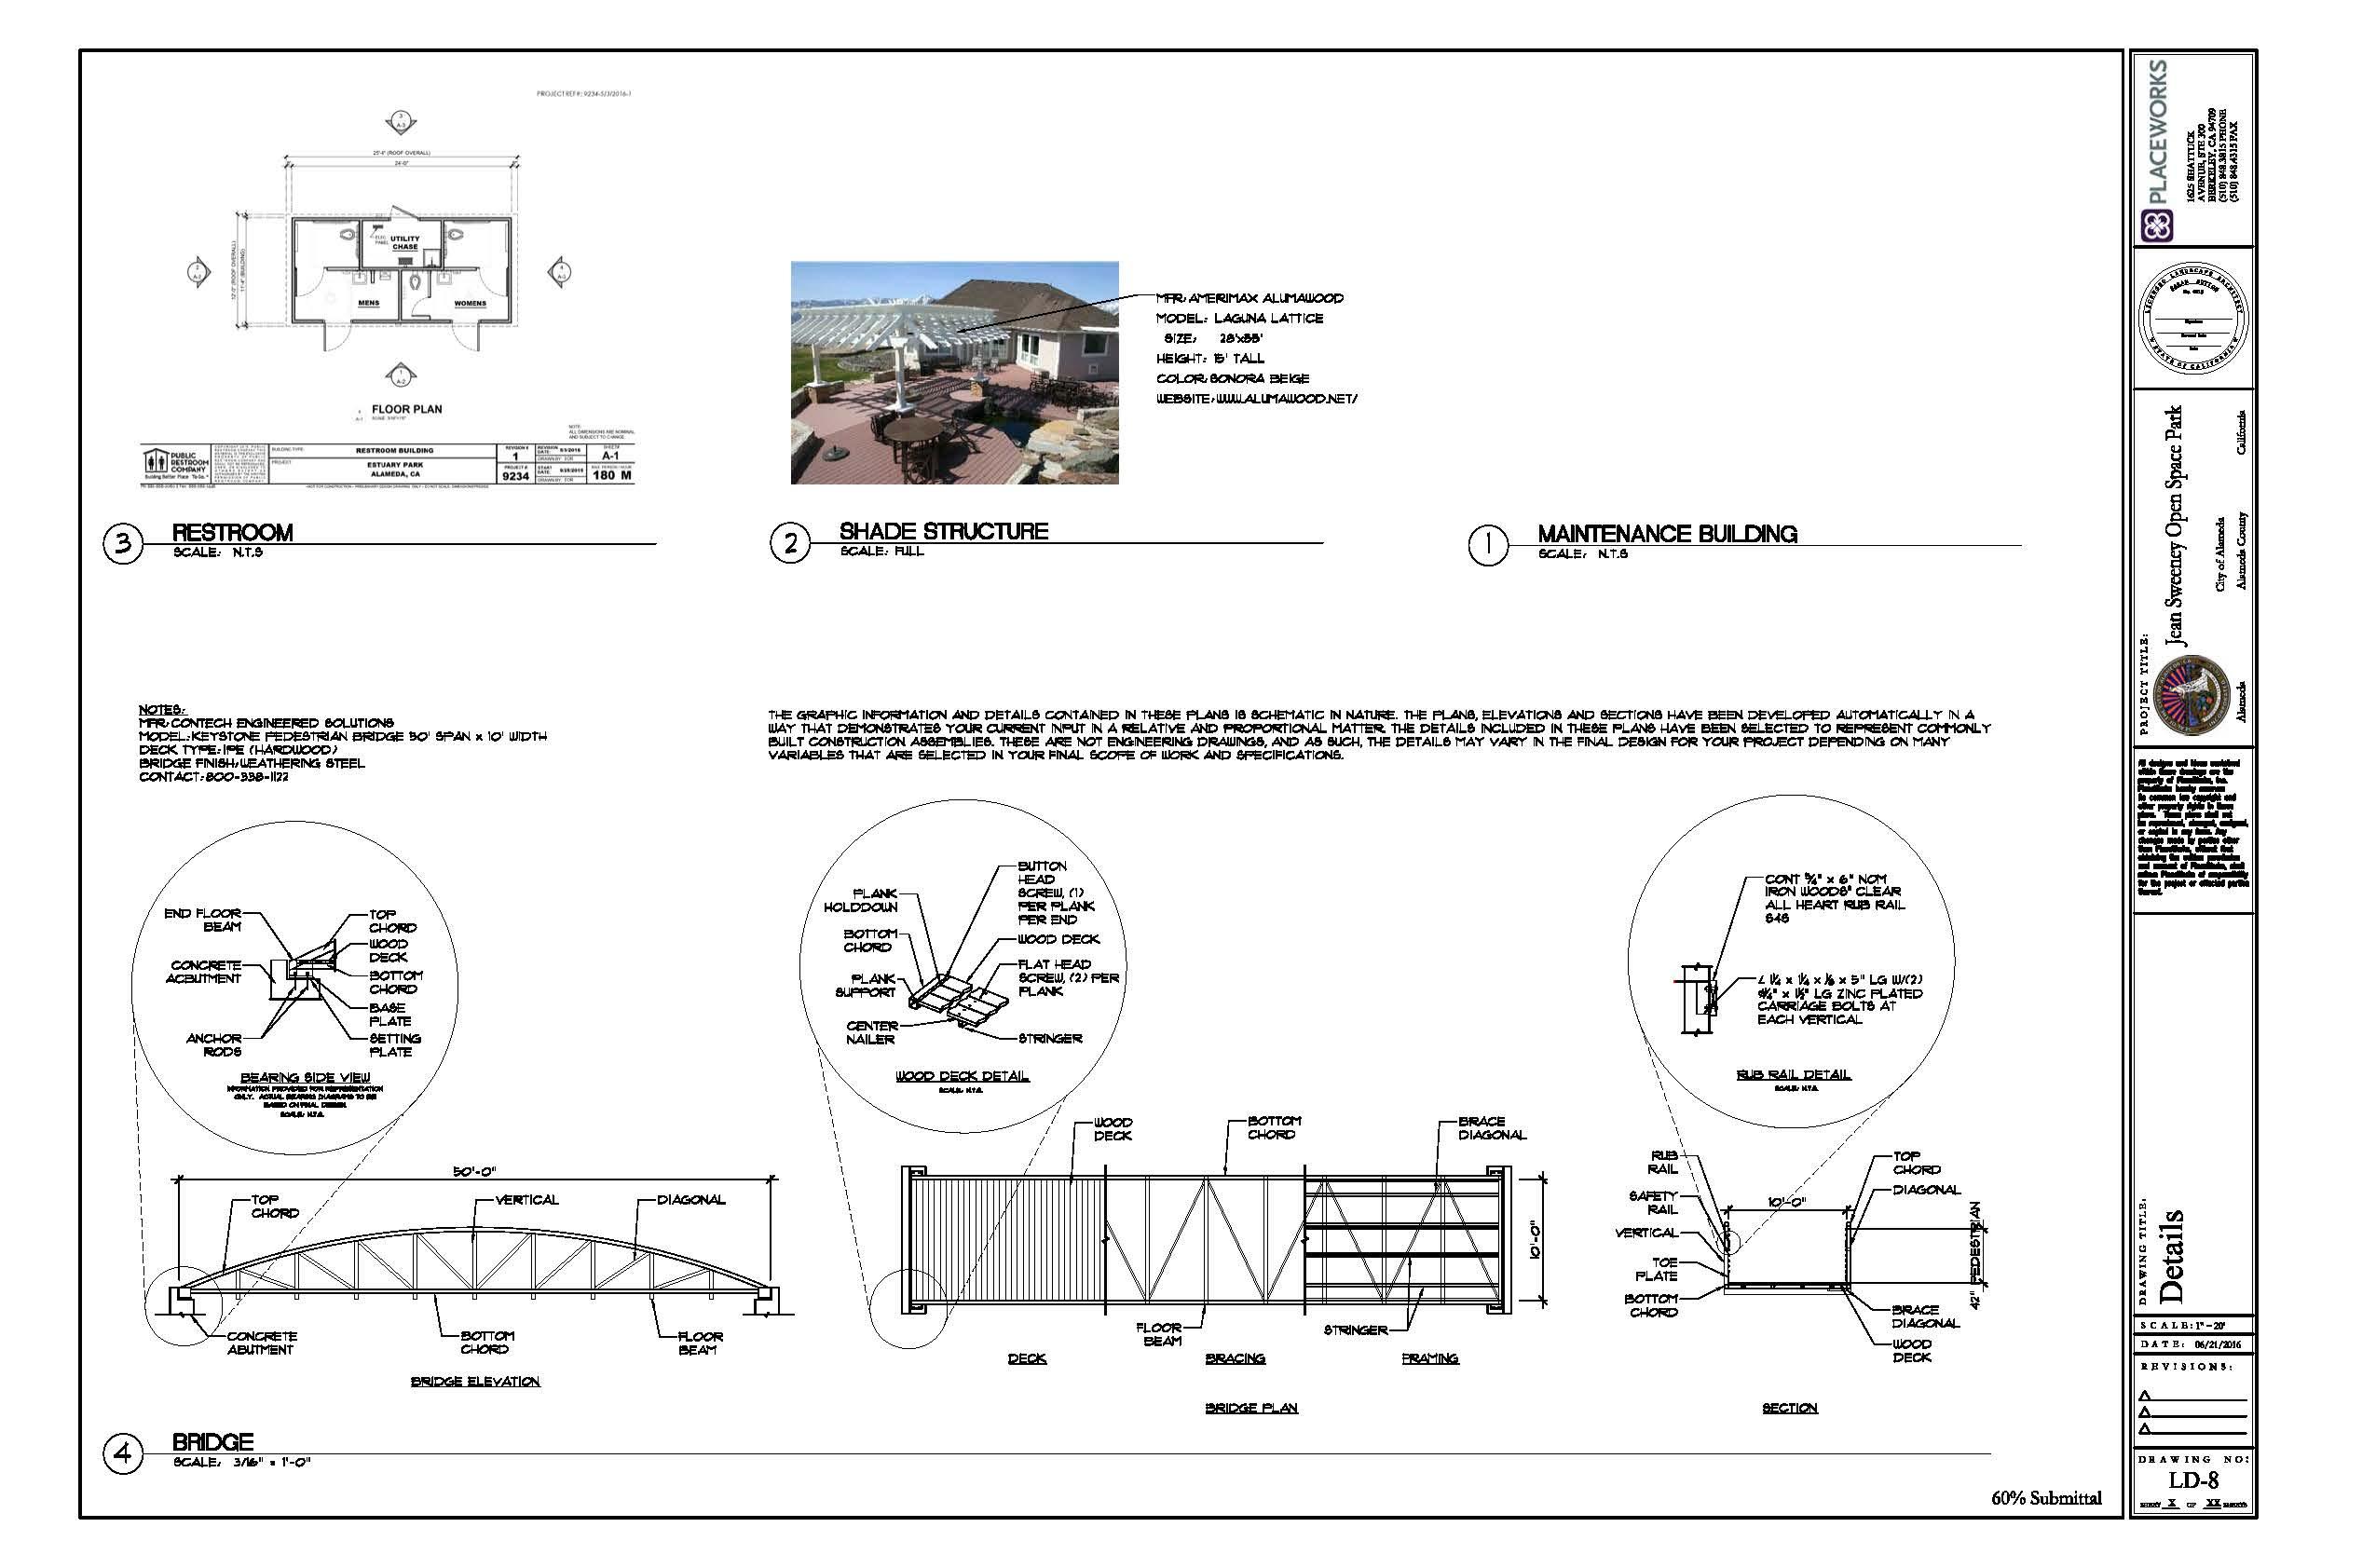 LD-8-DETAILS-BUILDINGS-COAL-03